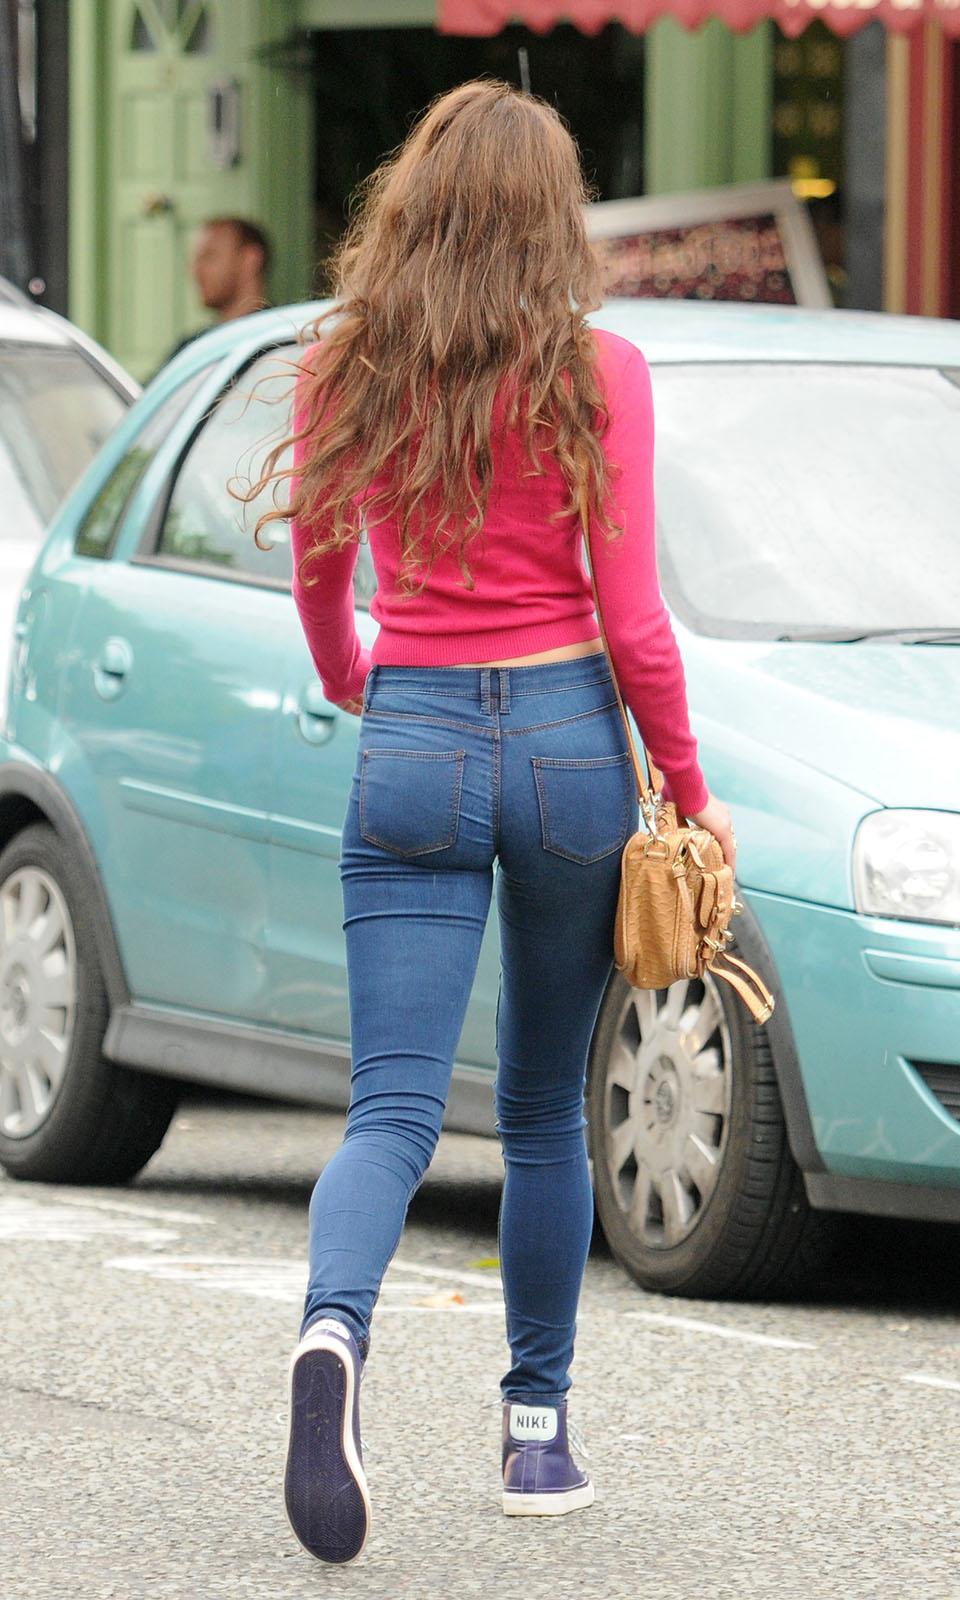 Skinny girl with nice ass